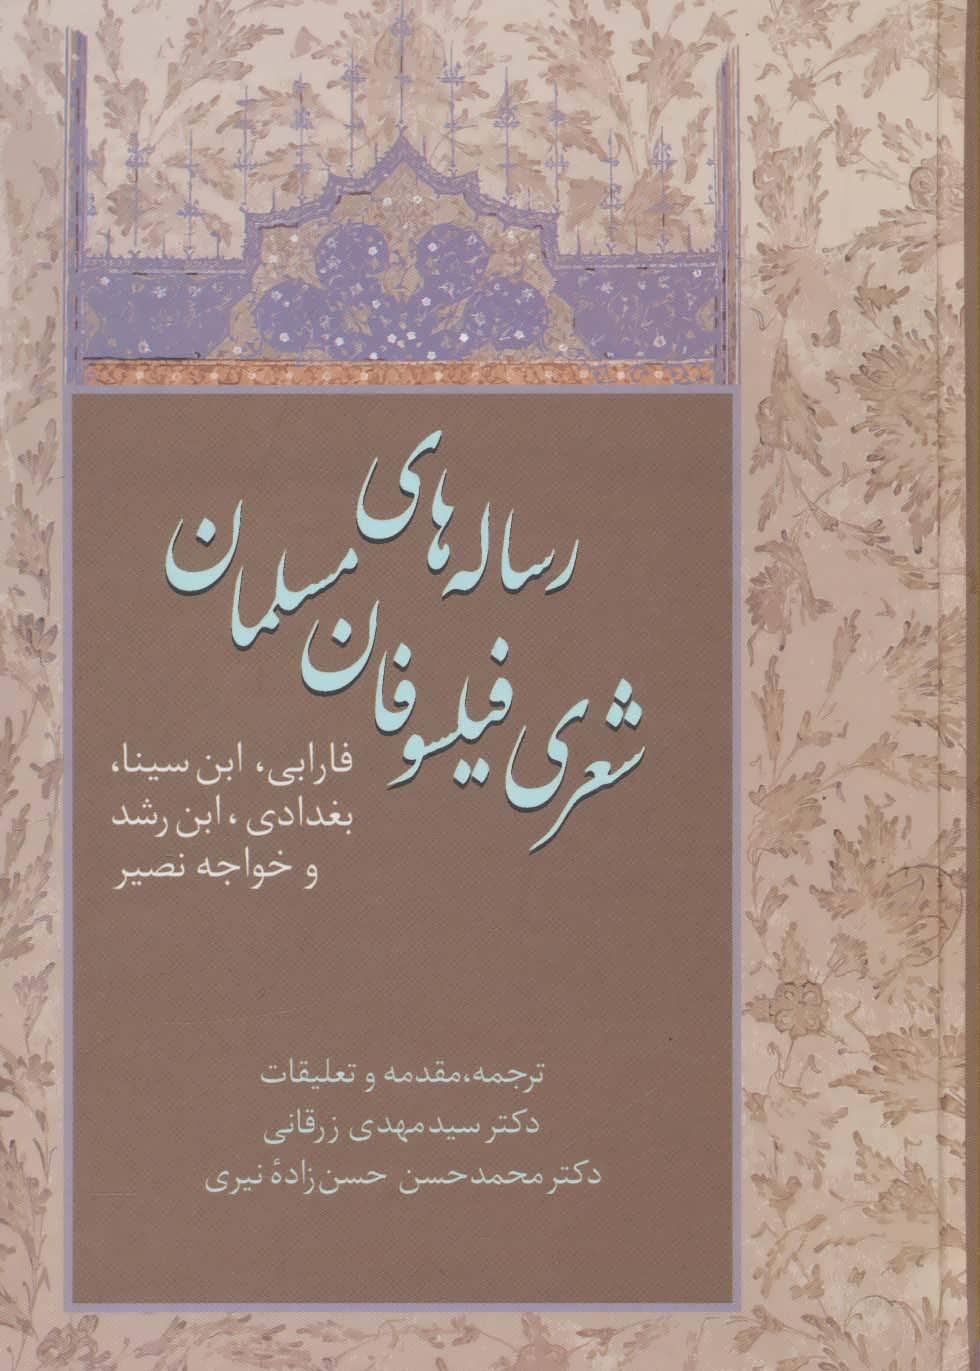 رساله های شعری فیلسوفان مسلمان(فارابی،ابن سینا،بغدادی،ابن رشد و خواجه نصیر)